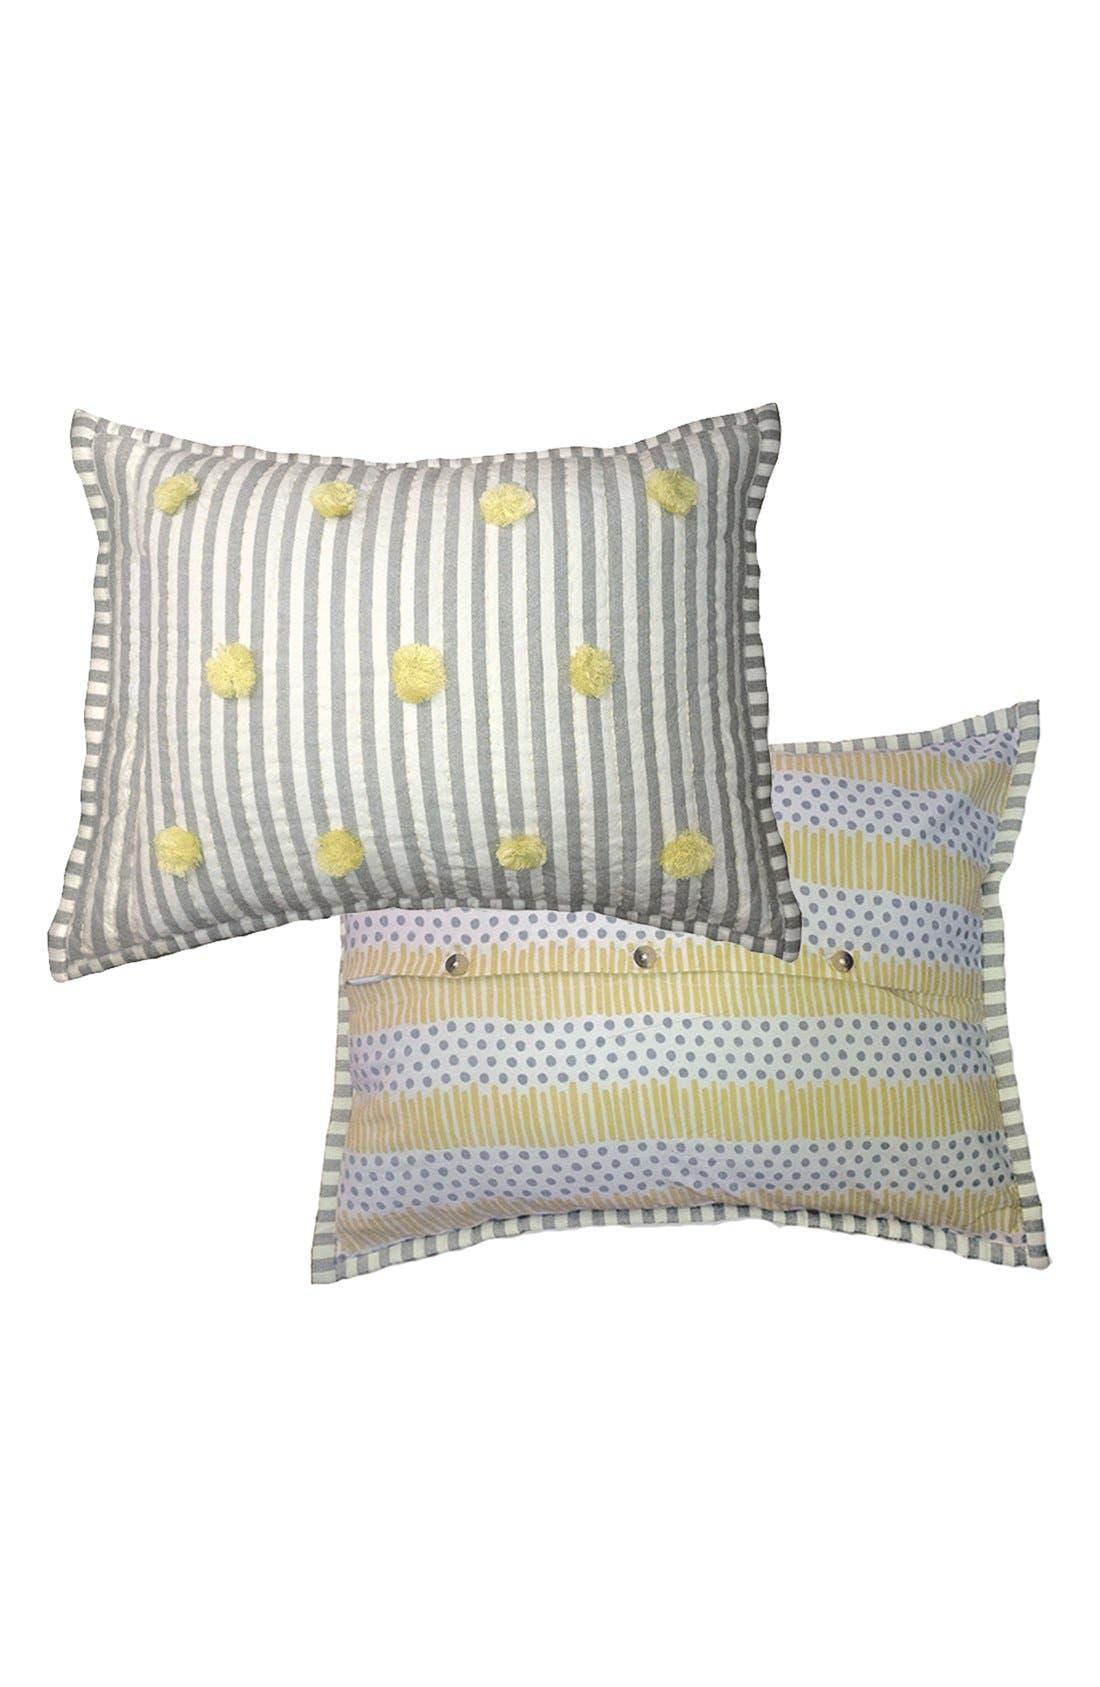 'Rest My Little Head' Cotton Pillow,                             Main thumbnail 1, color,                             020